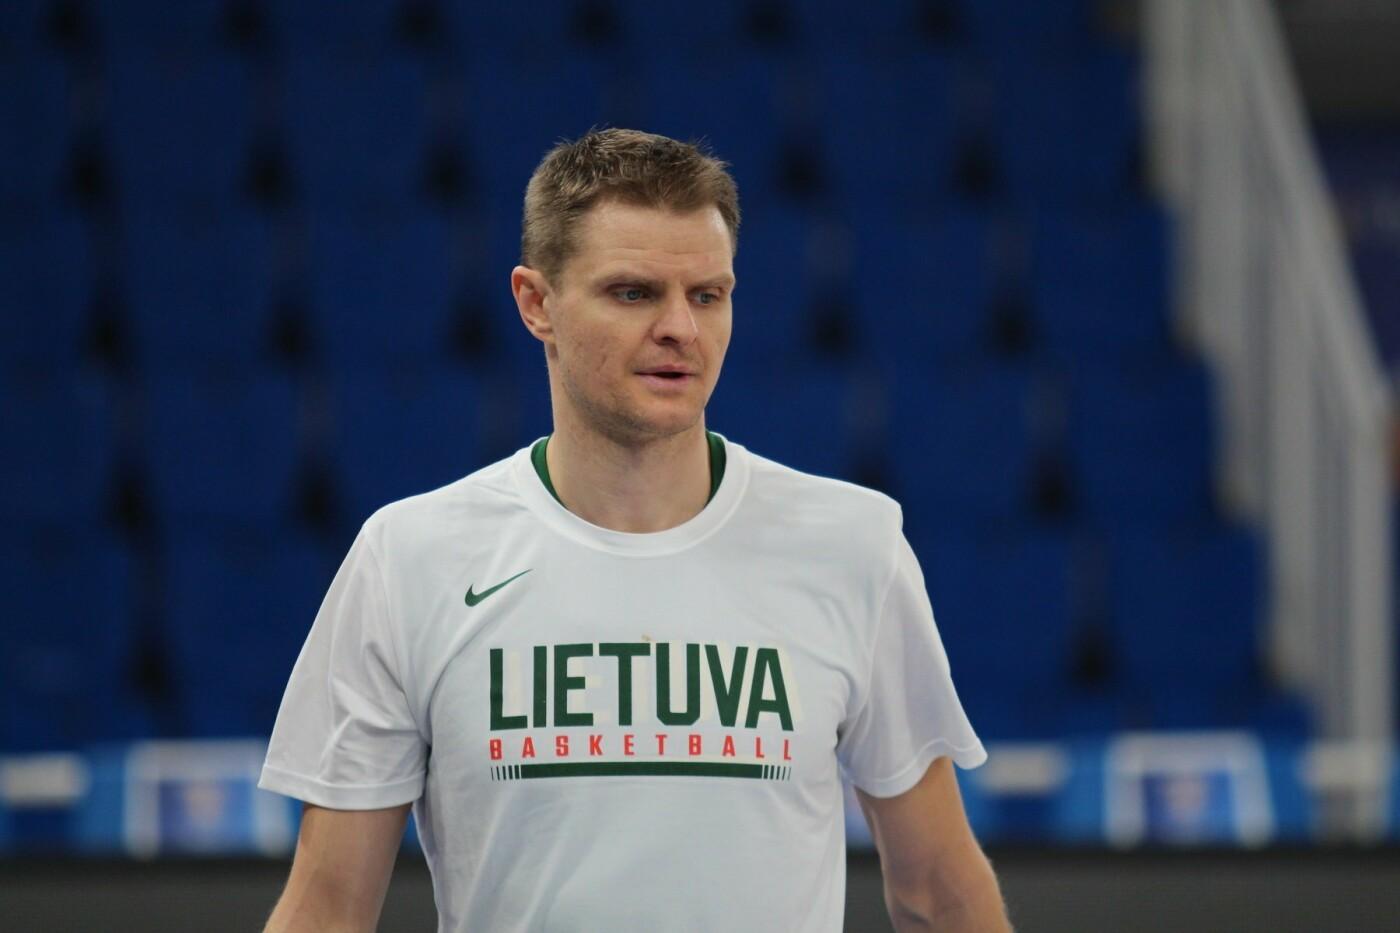 Lietuvos vyrų krepšinio rinktinė surengė vienintelę treniruotę Italijoje, nuotrauka-12